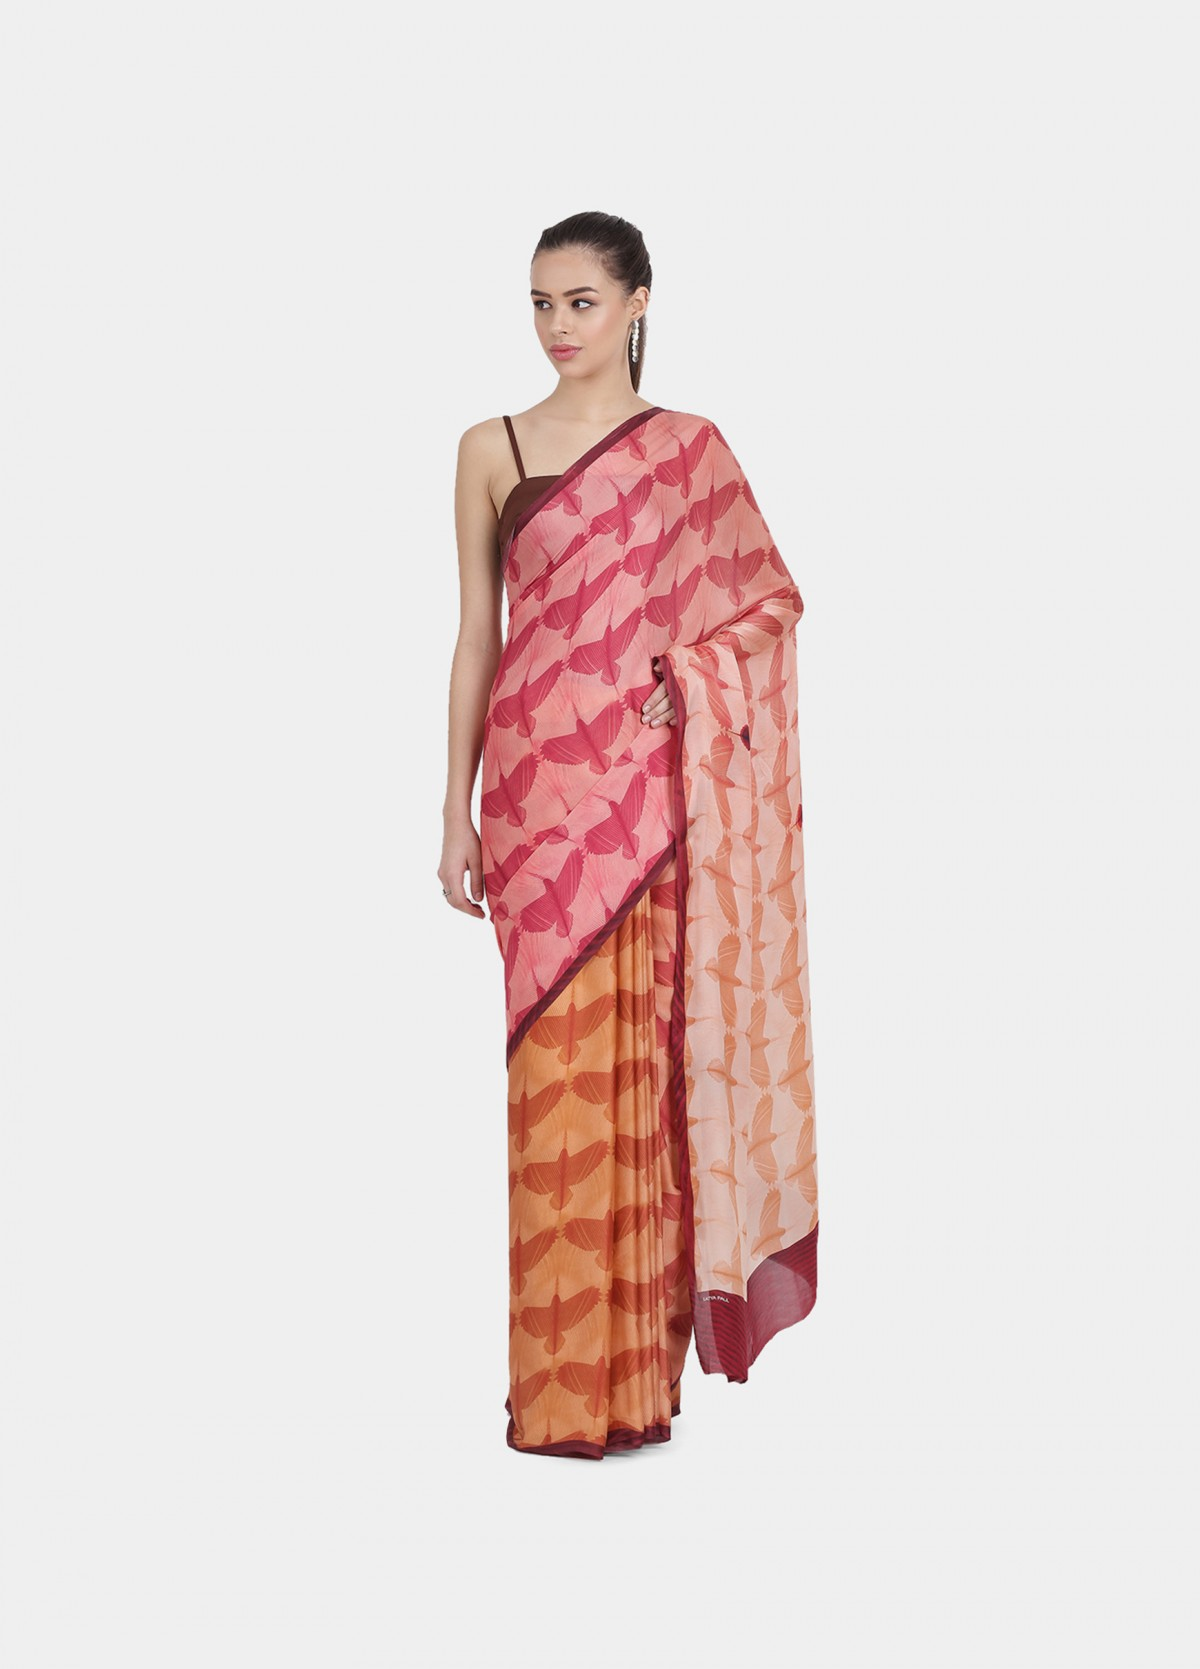 The Flock Together Sari